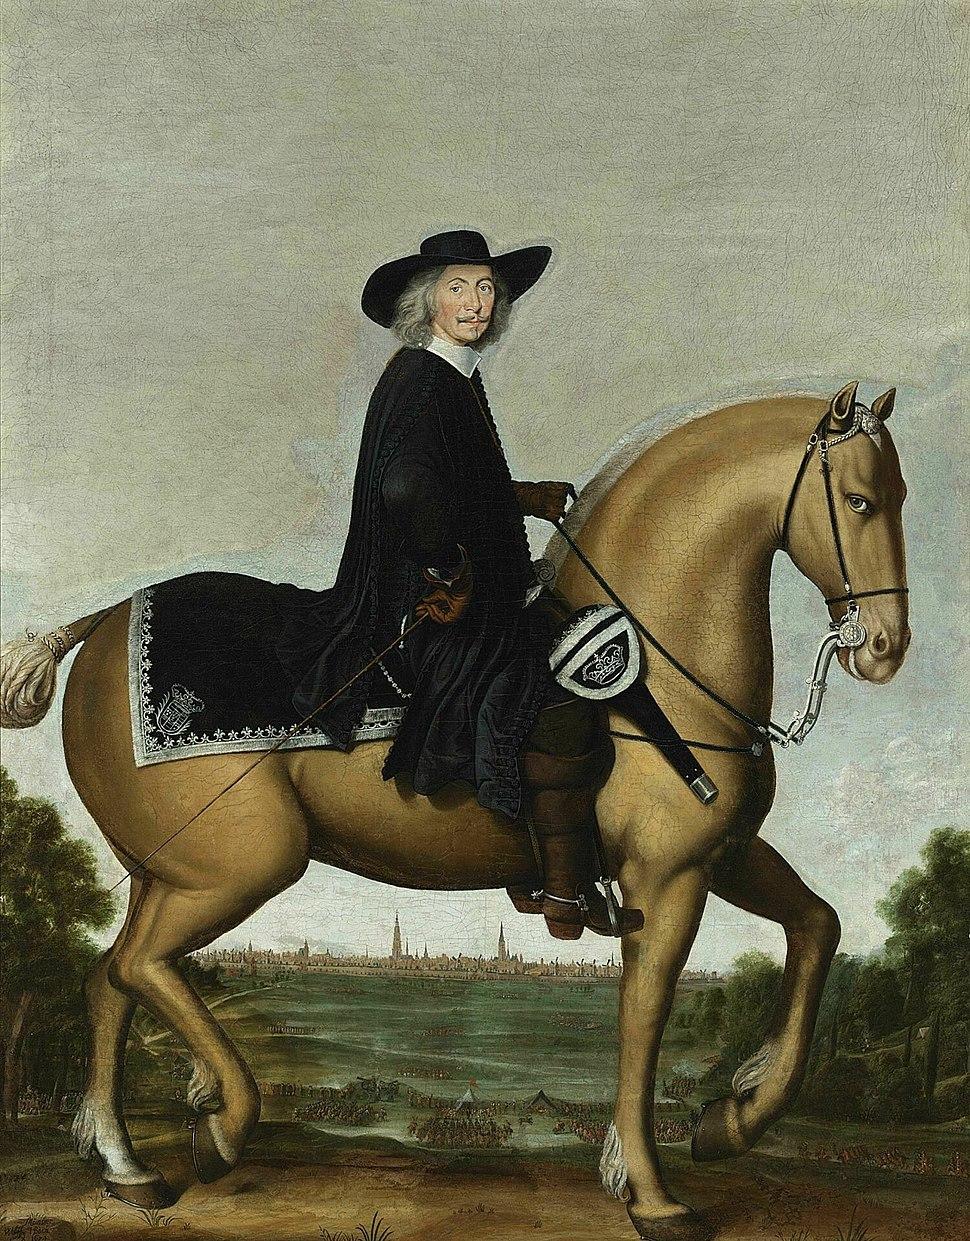 Christoph Bernard von Galen on Horse by Wolfgang Heimbach